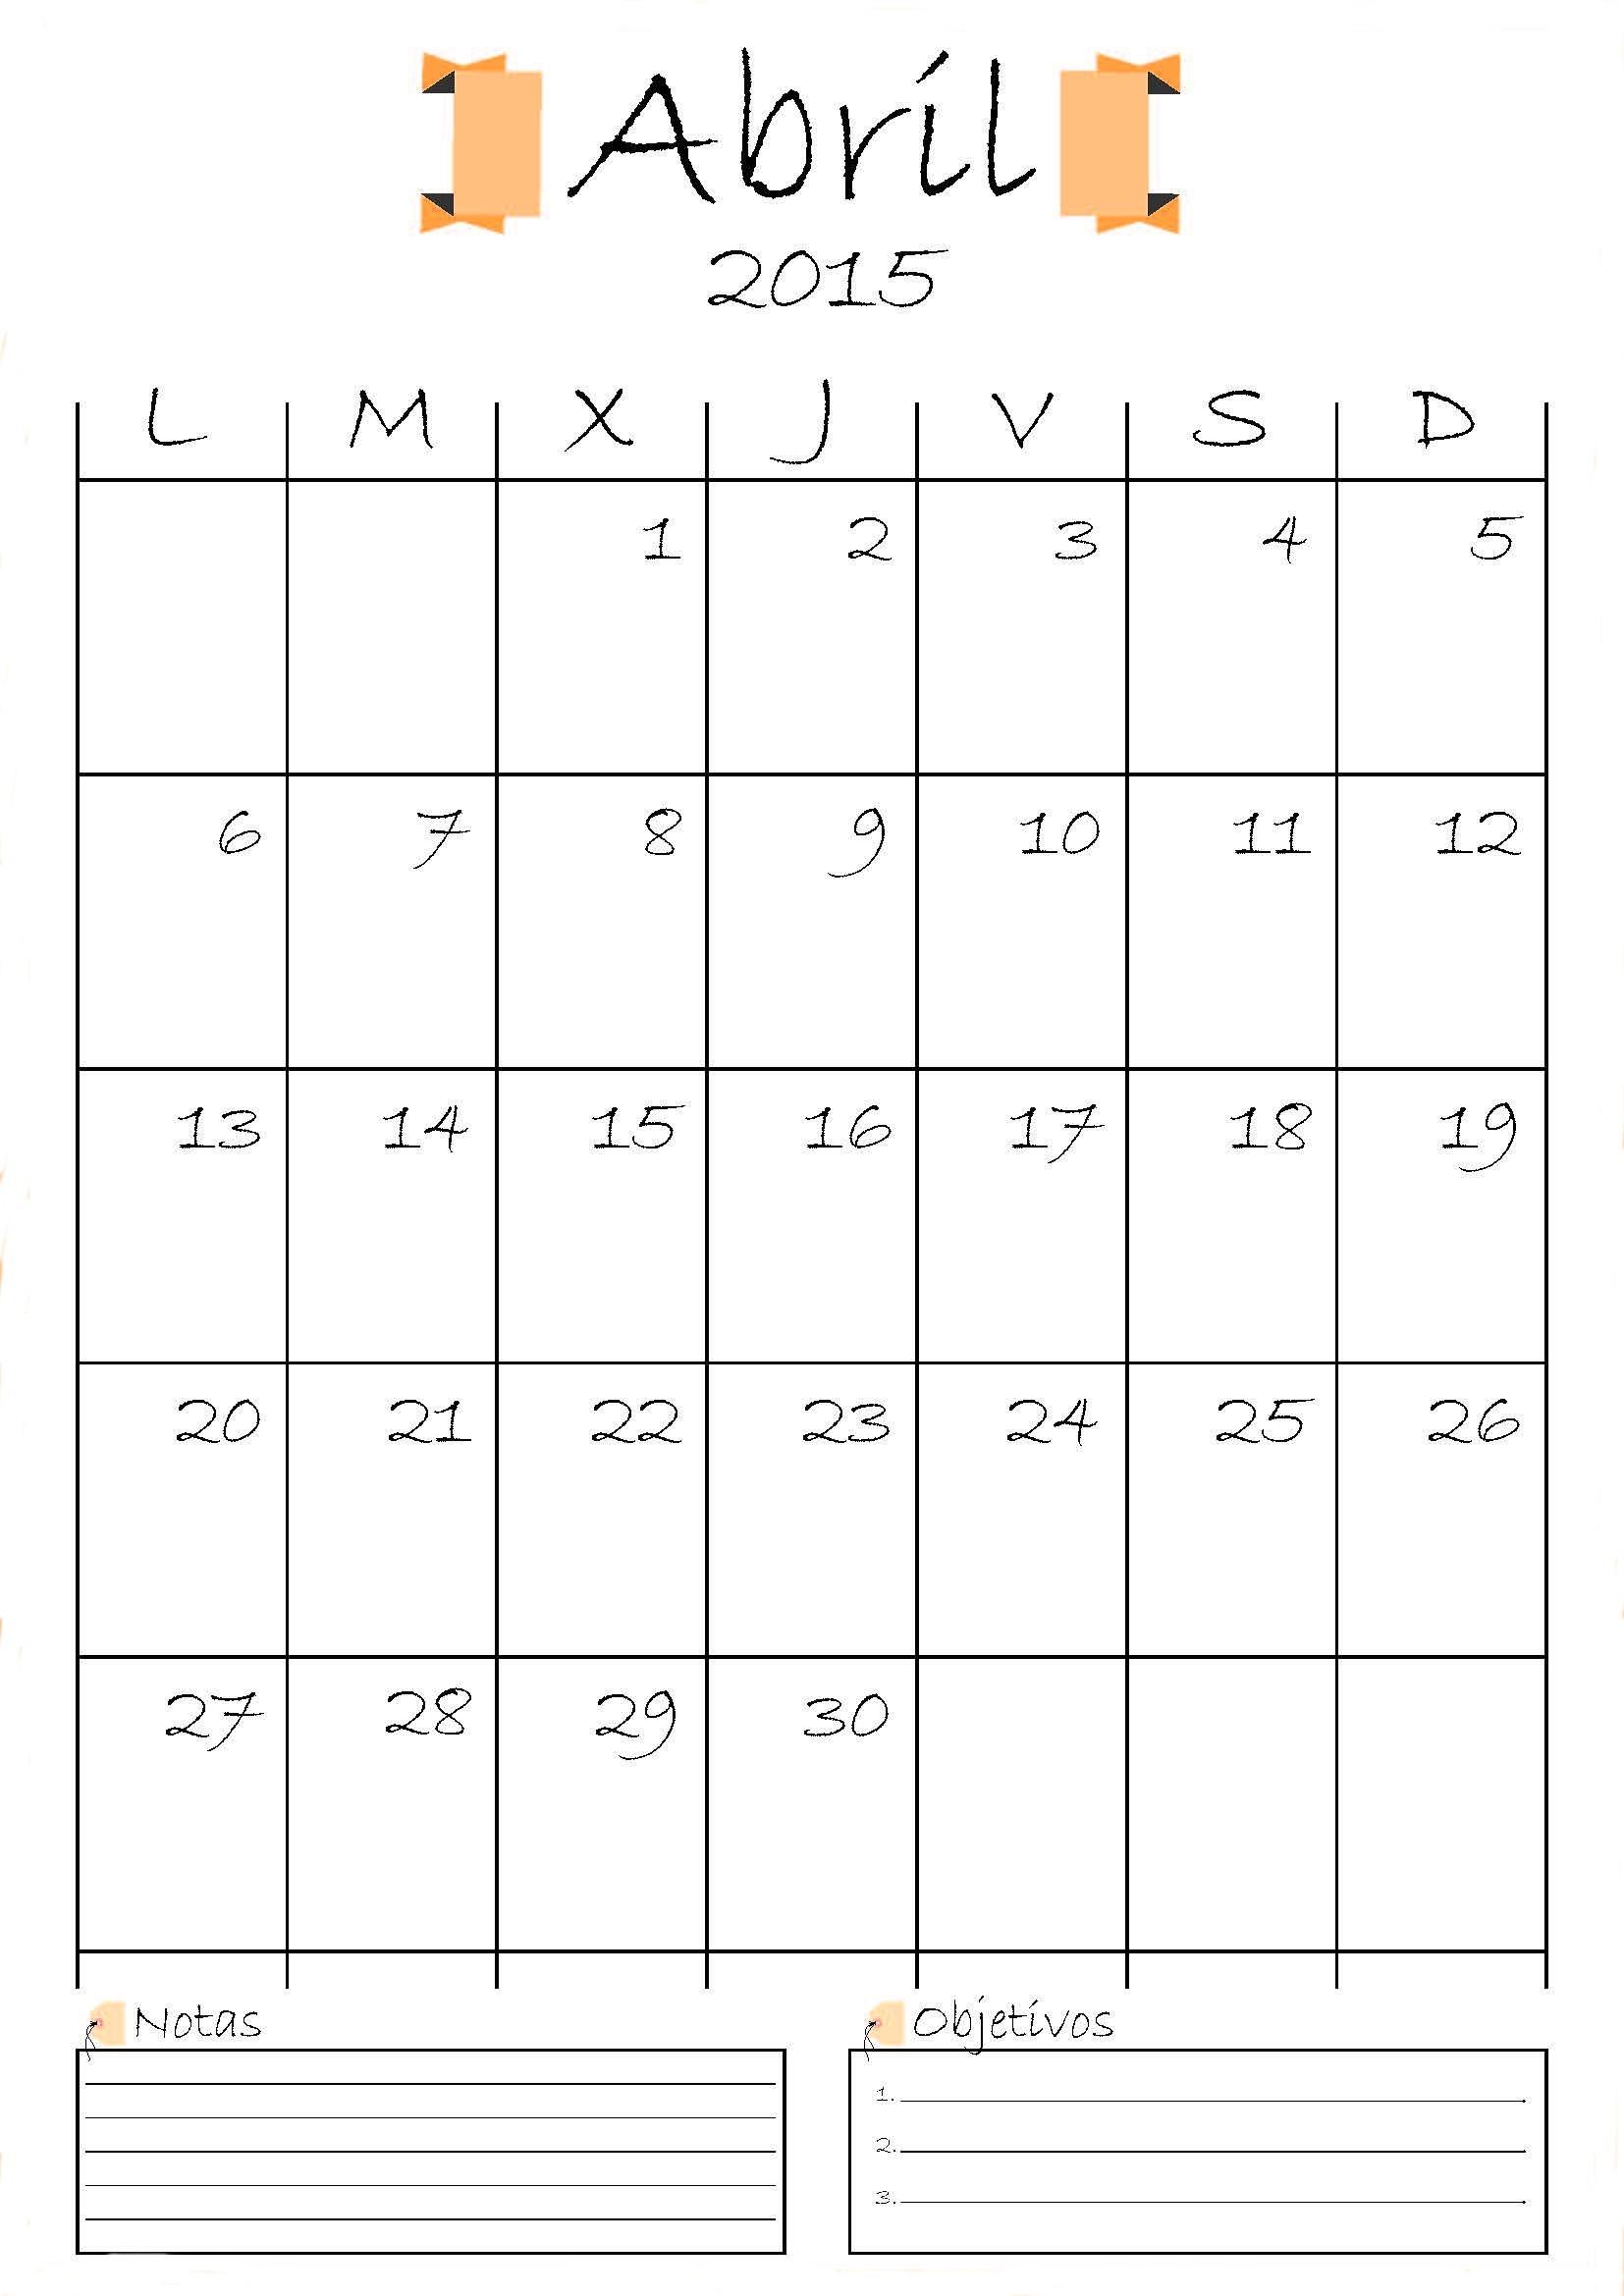 Calendario 2019 Argentina Para Imprimir Con Feriados Por Mes Más Populares Imprimir Moorddiner Calendario 2017 Por Mes